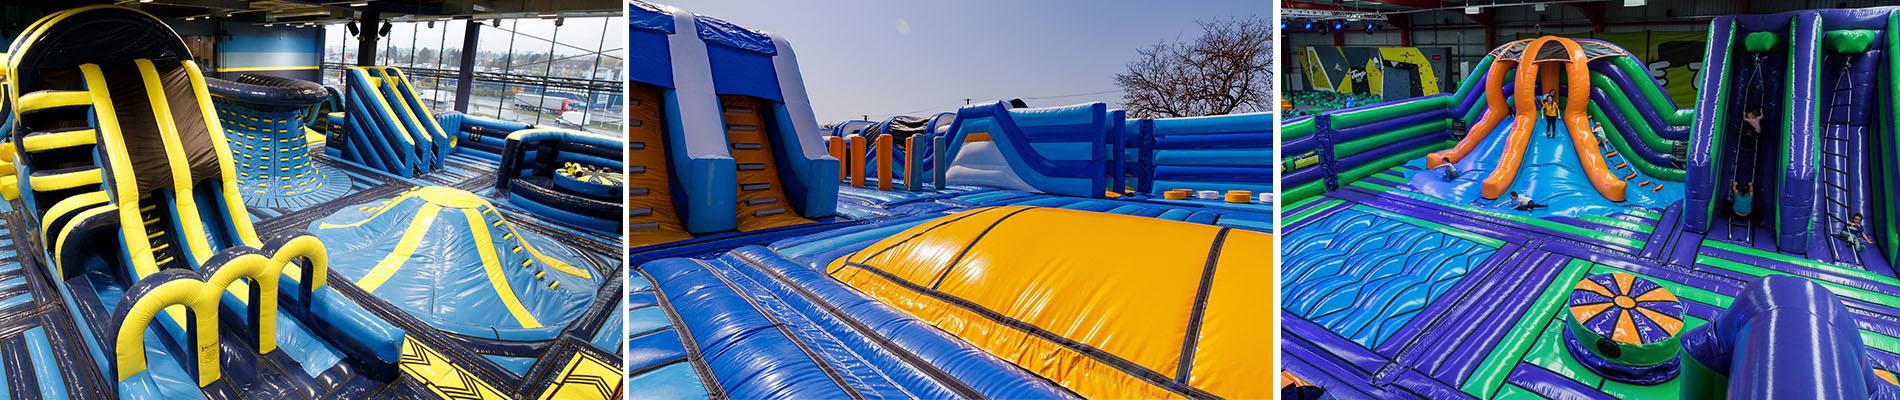 Parcs gonflables géants airparx inflatables.